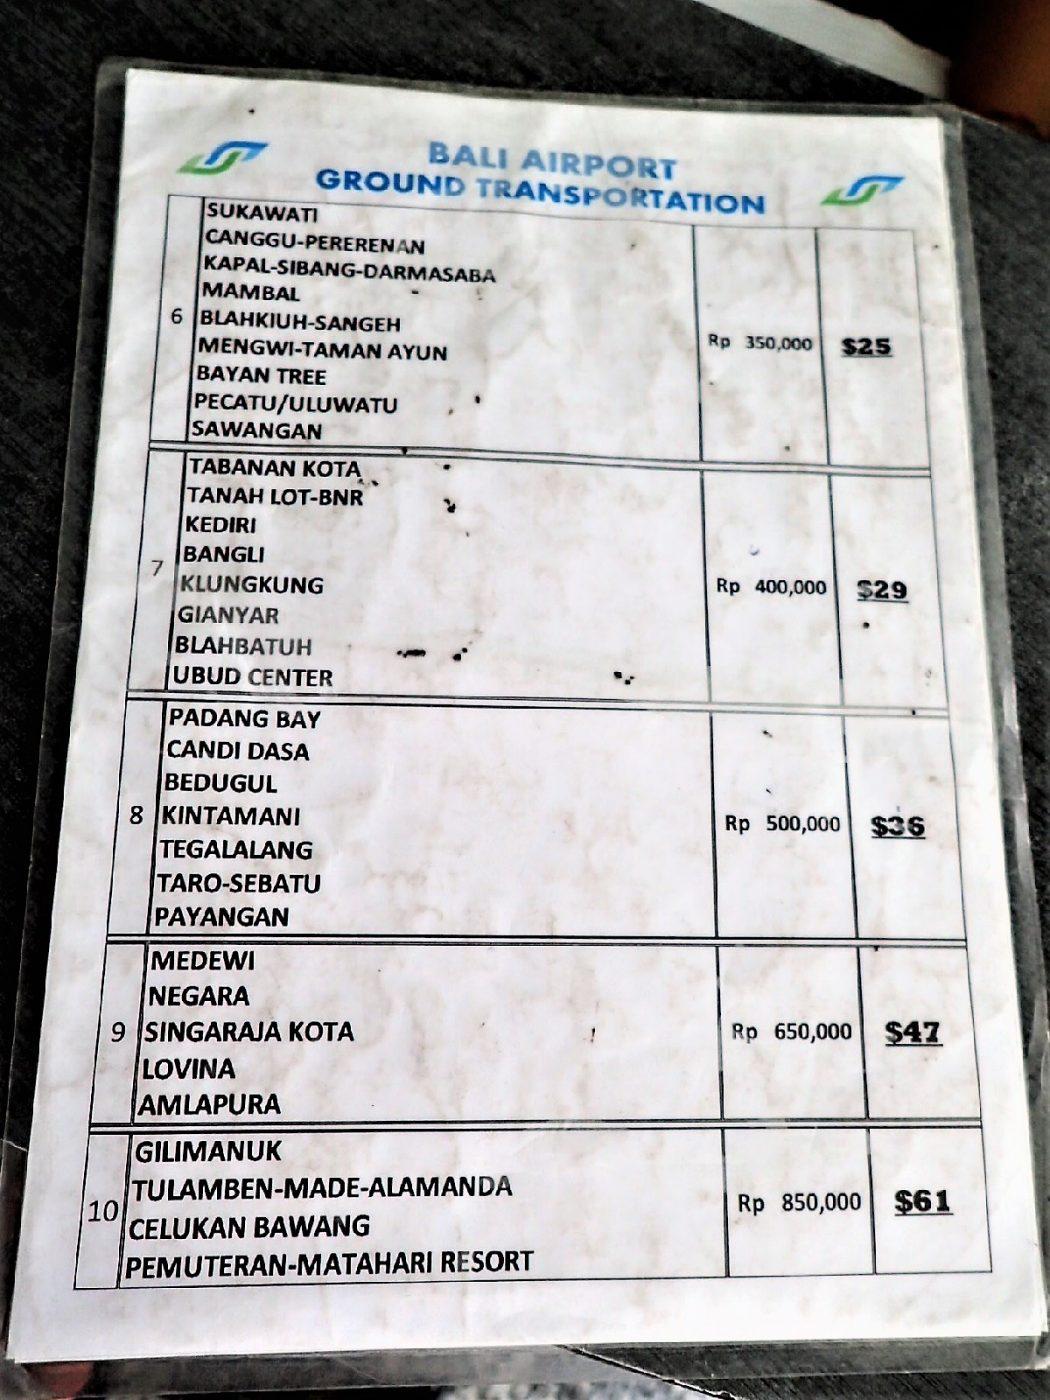 【2019年版】バリ島空港タクシーの基本情報と料金表